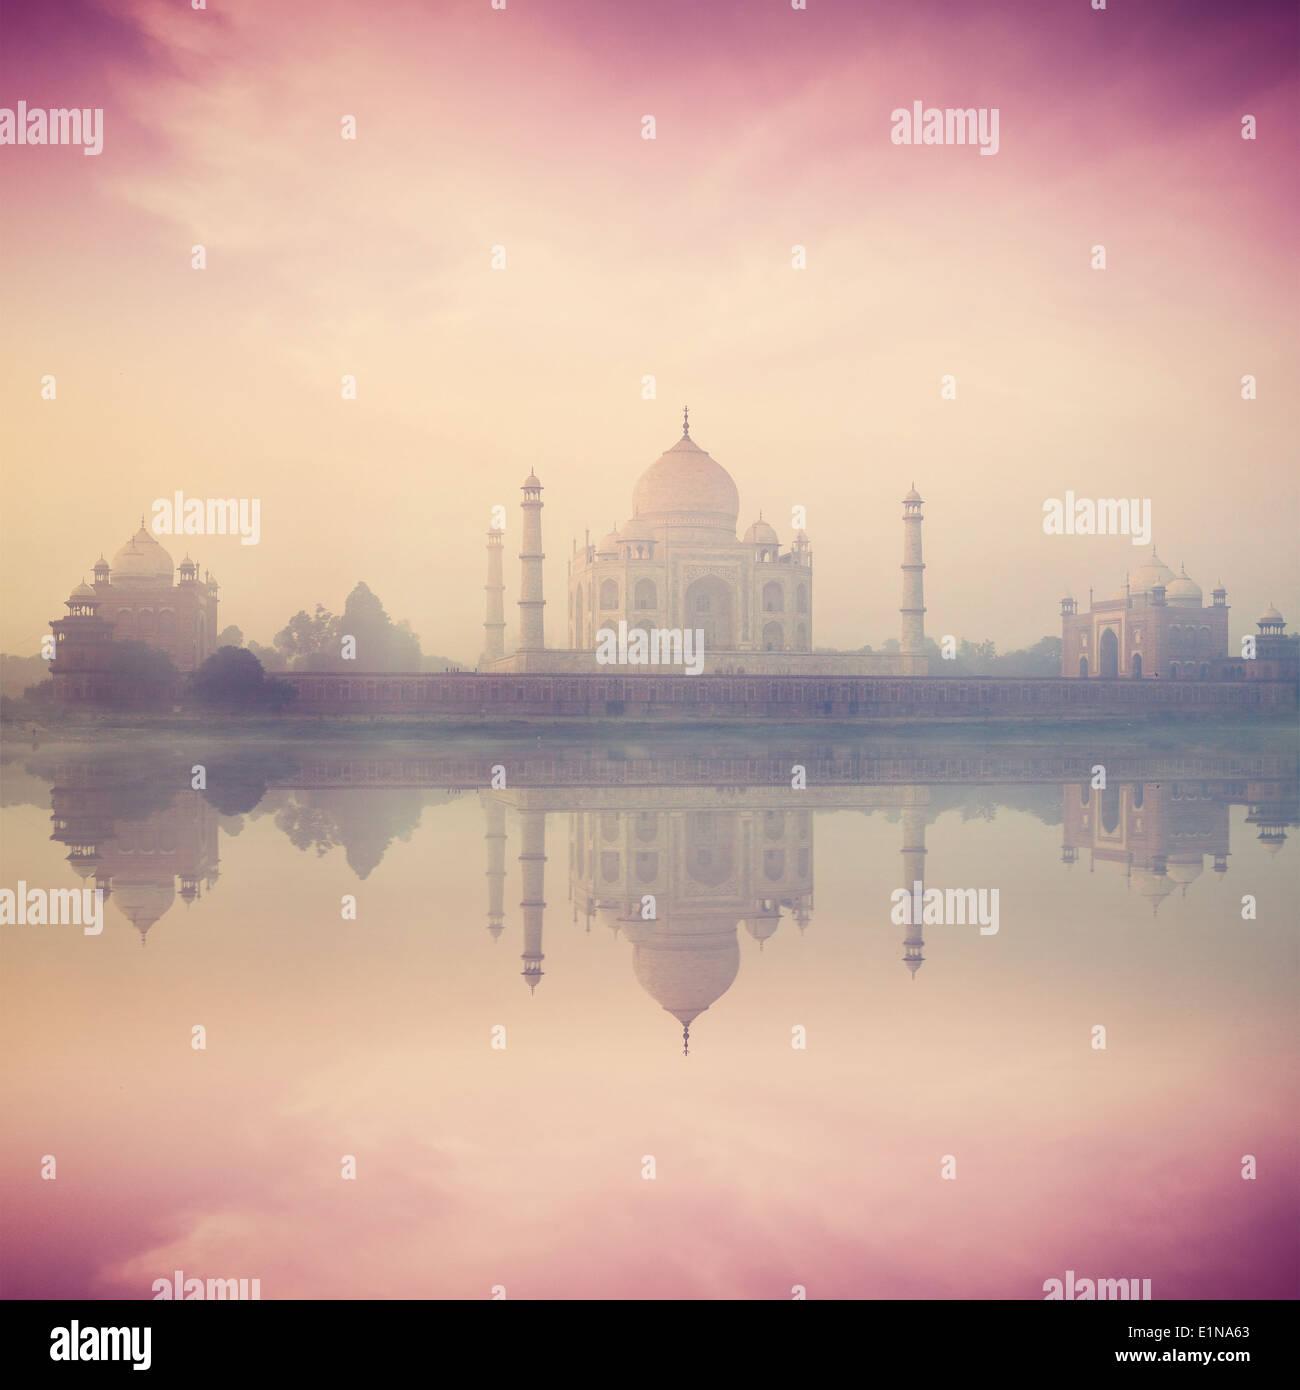 Vintage retrò stile hipster immagine del Taj Mahal su sunrise tramonto riflesso nel fiume Yamuna panorama nella nebbia, simbolo indiano Immagini Stock